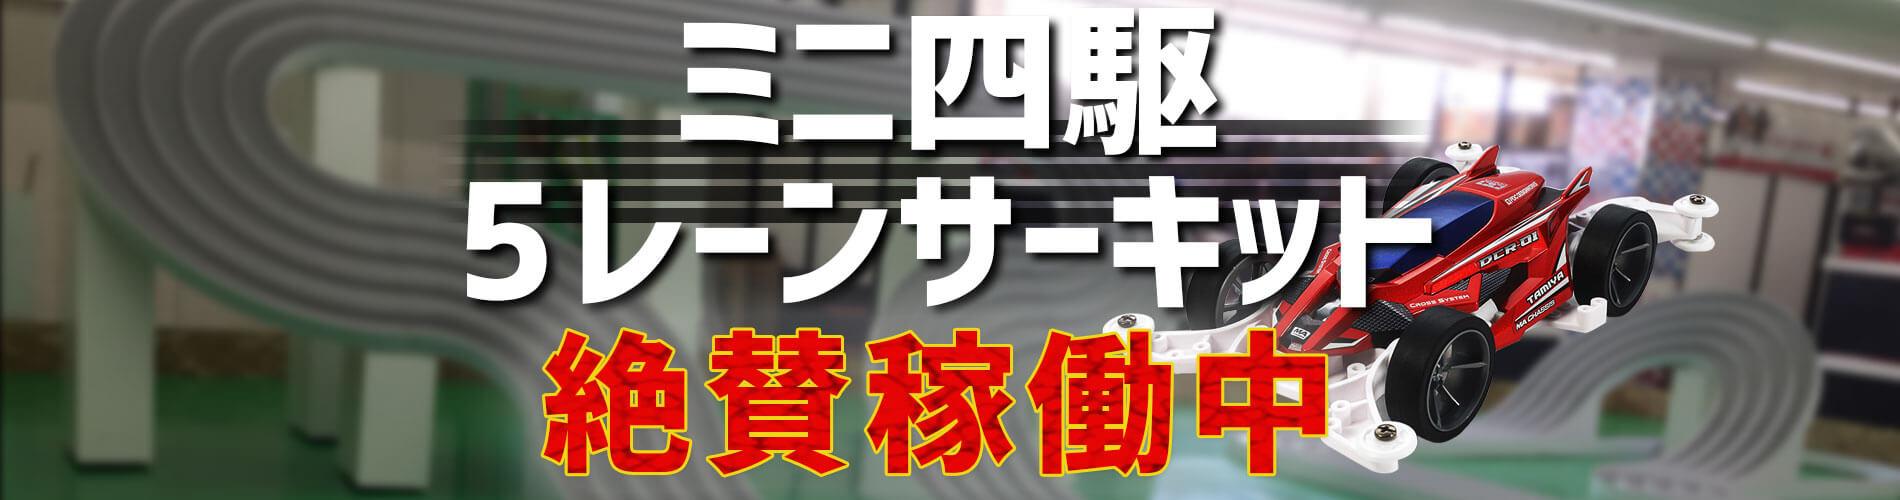 ミニ四駆5レーンサーキット